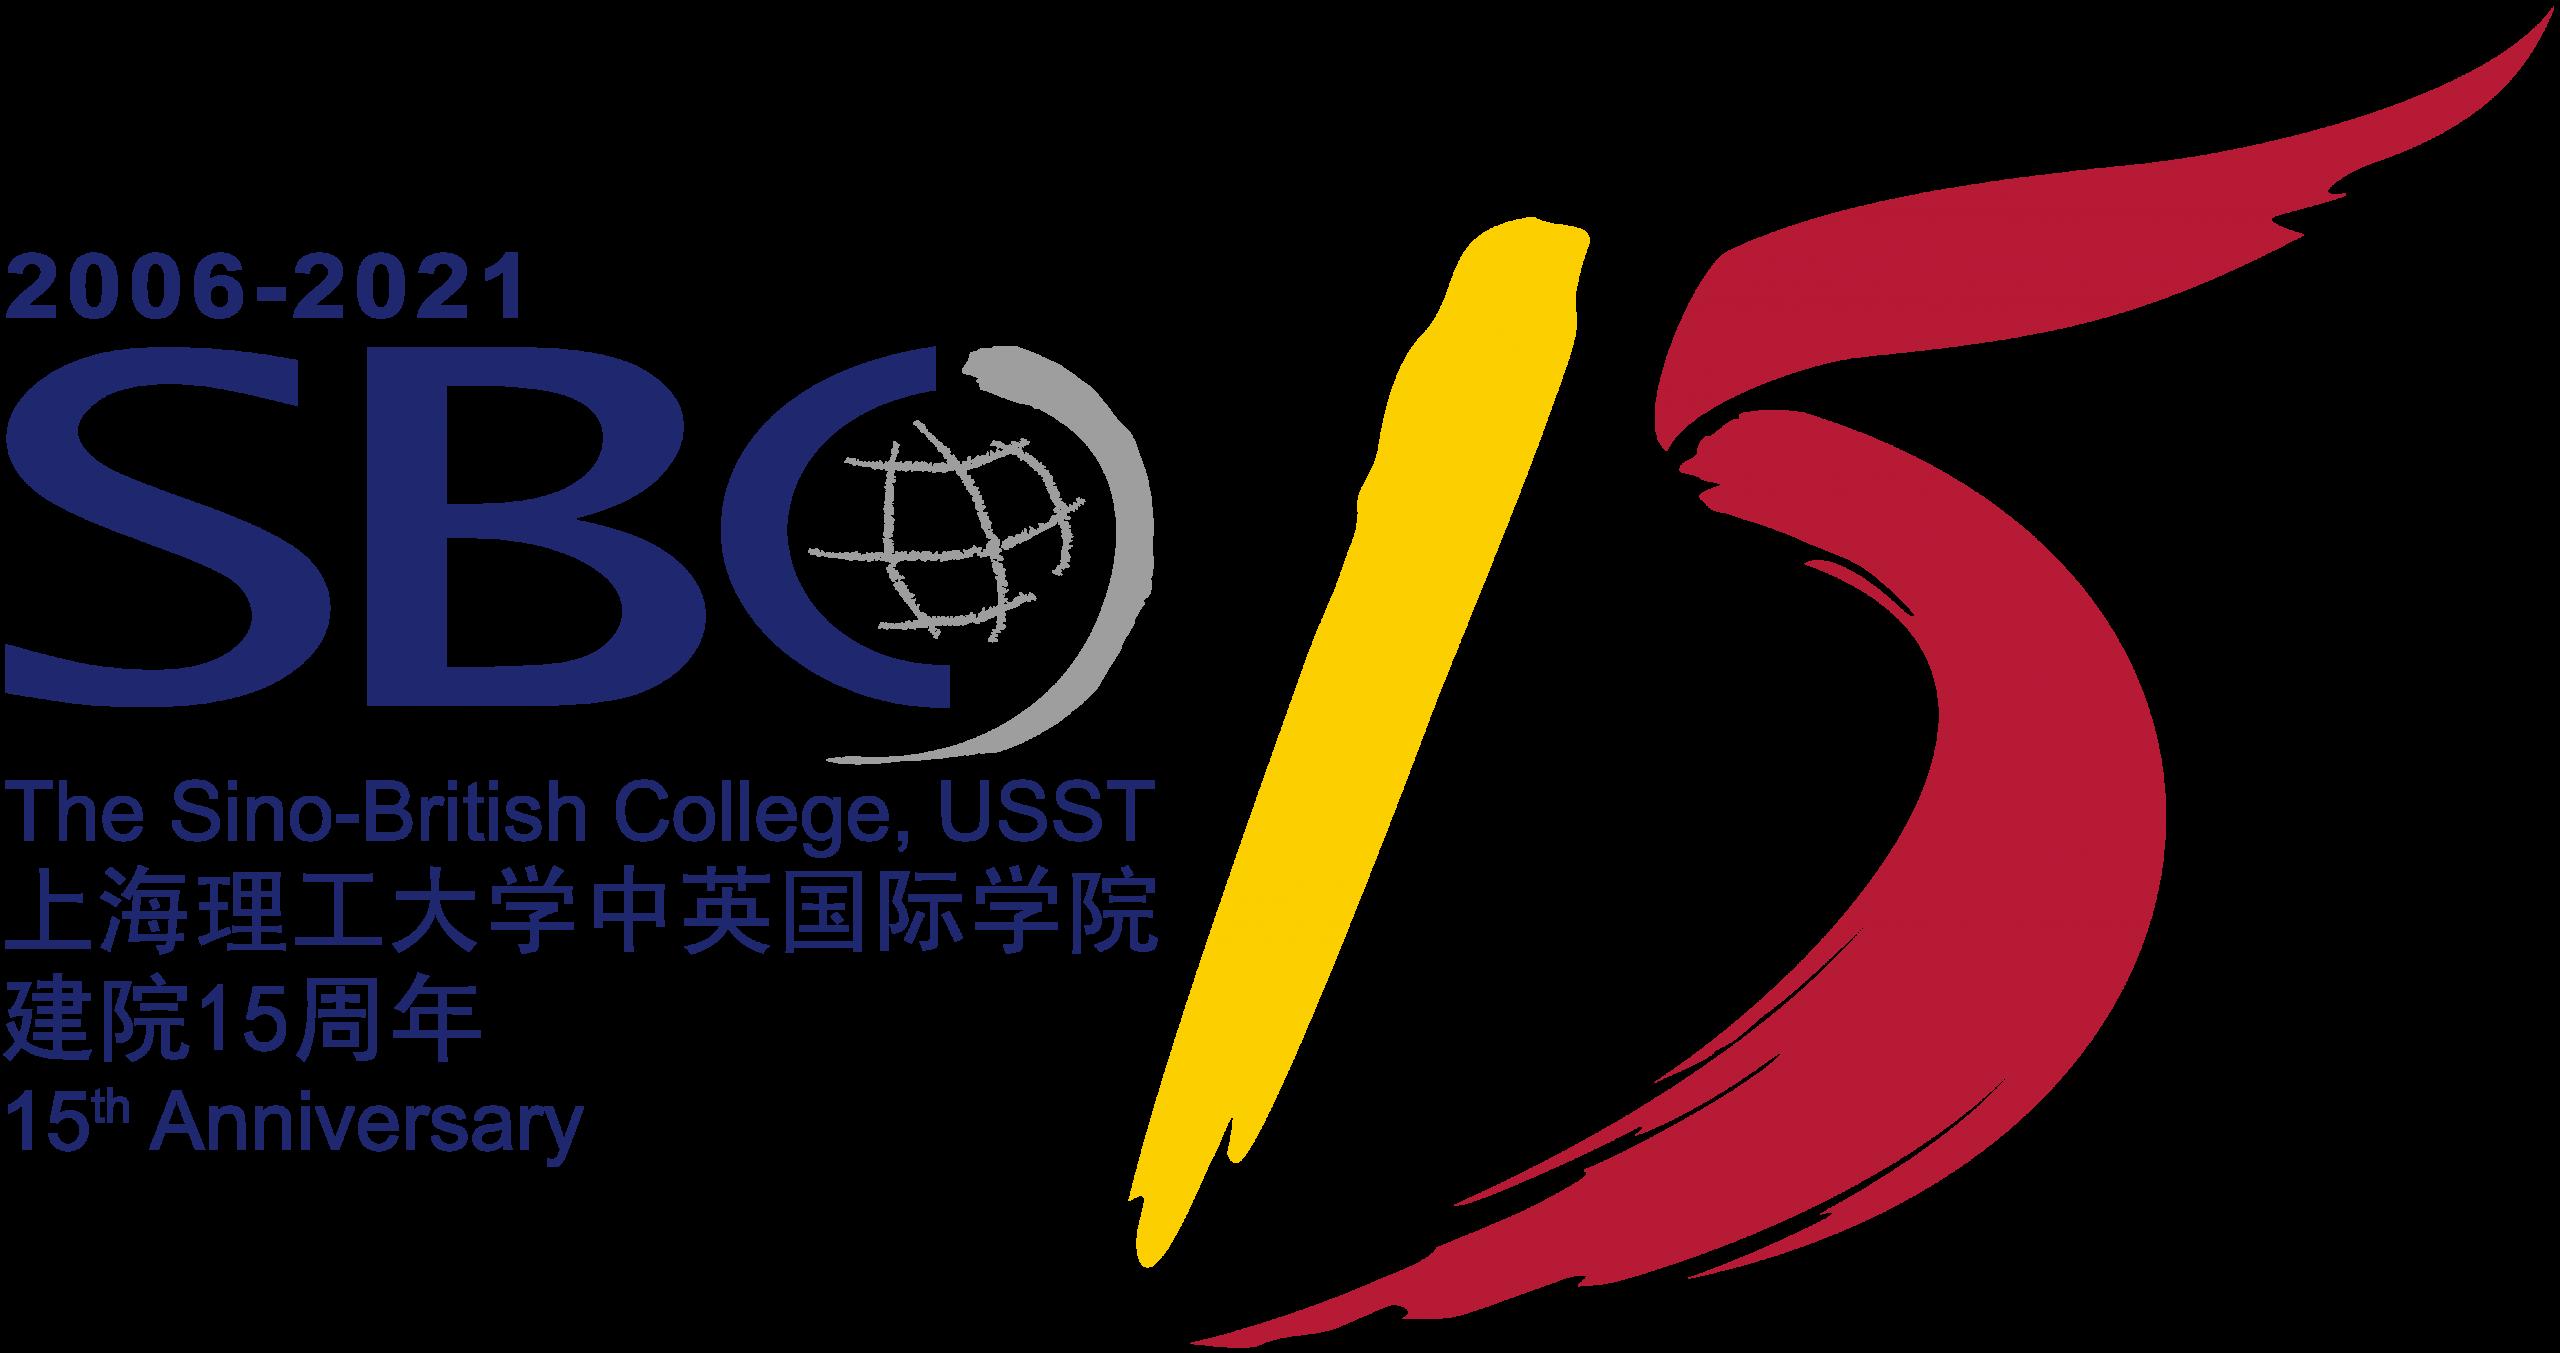 The Sino-British College, USST